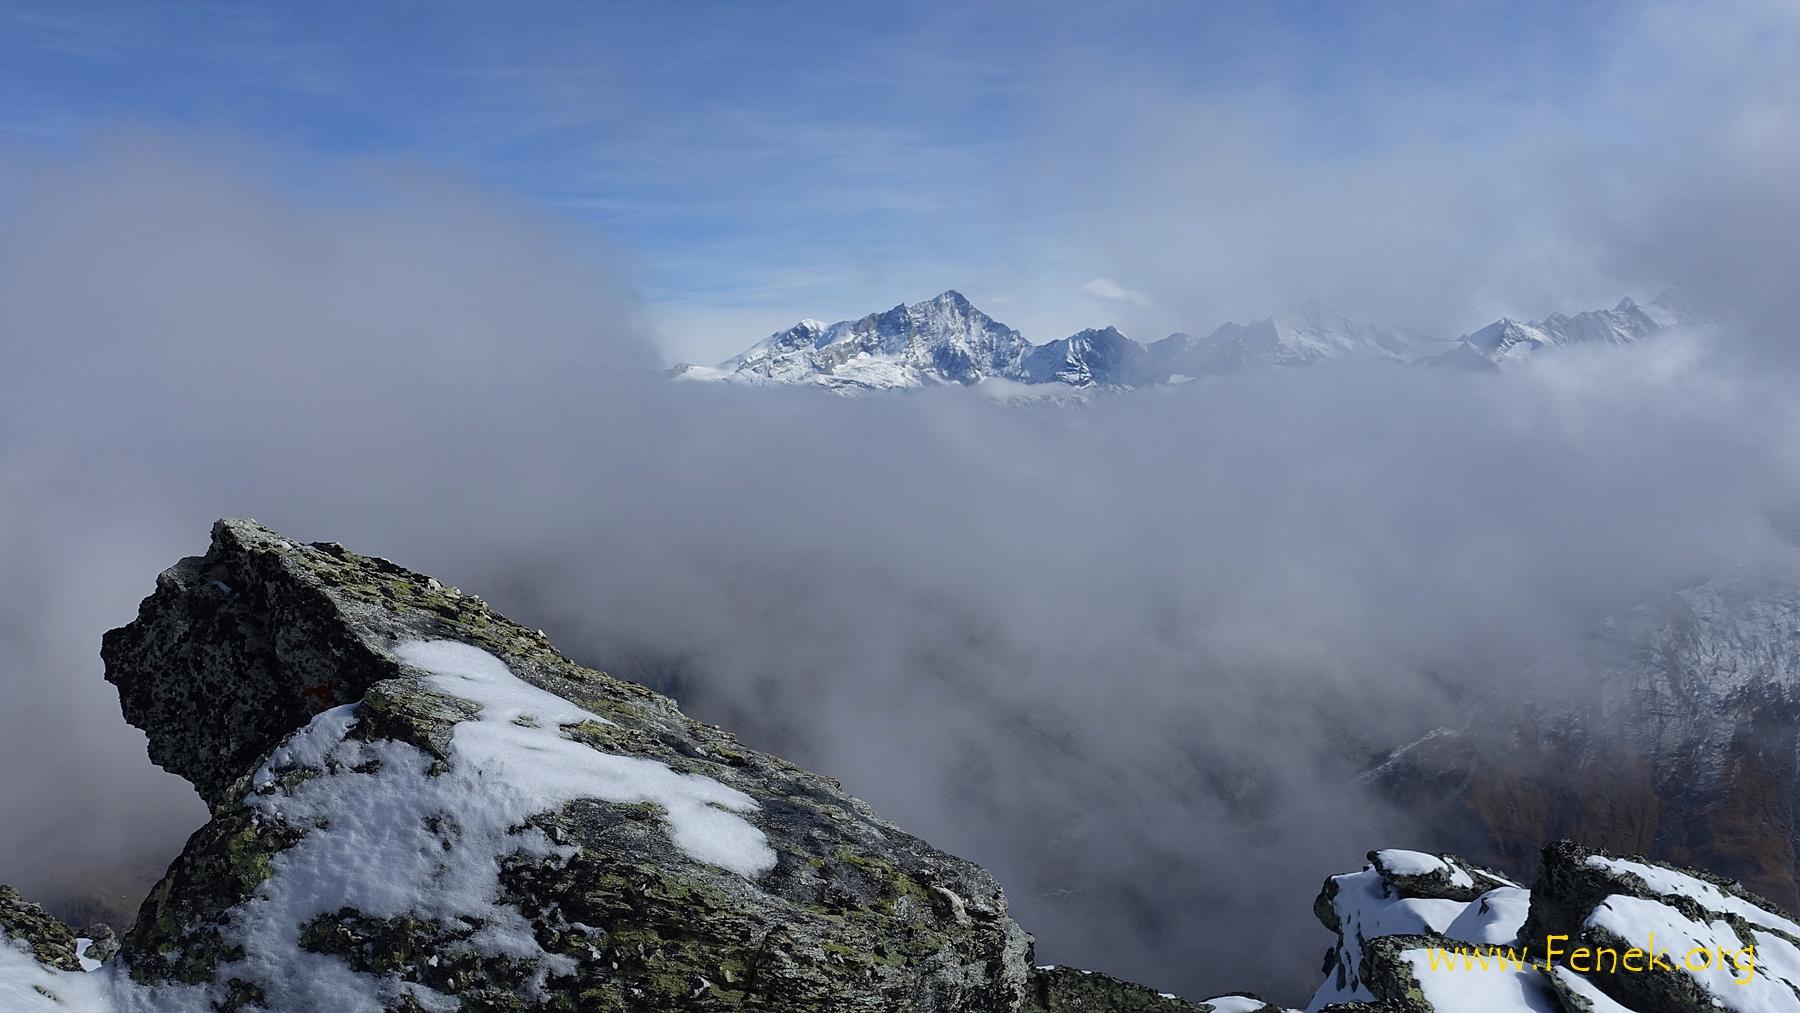 Wolkenfenster zum Weisshorn